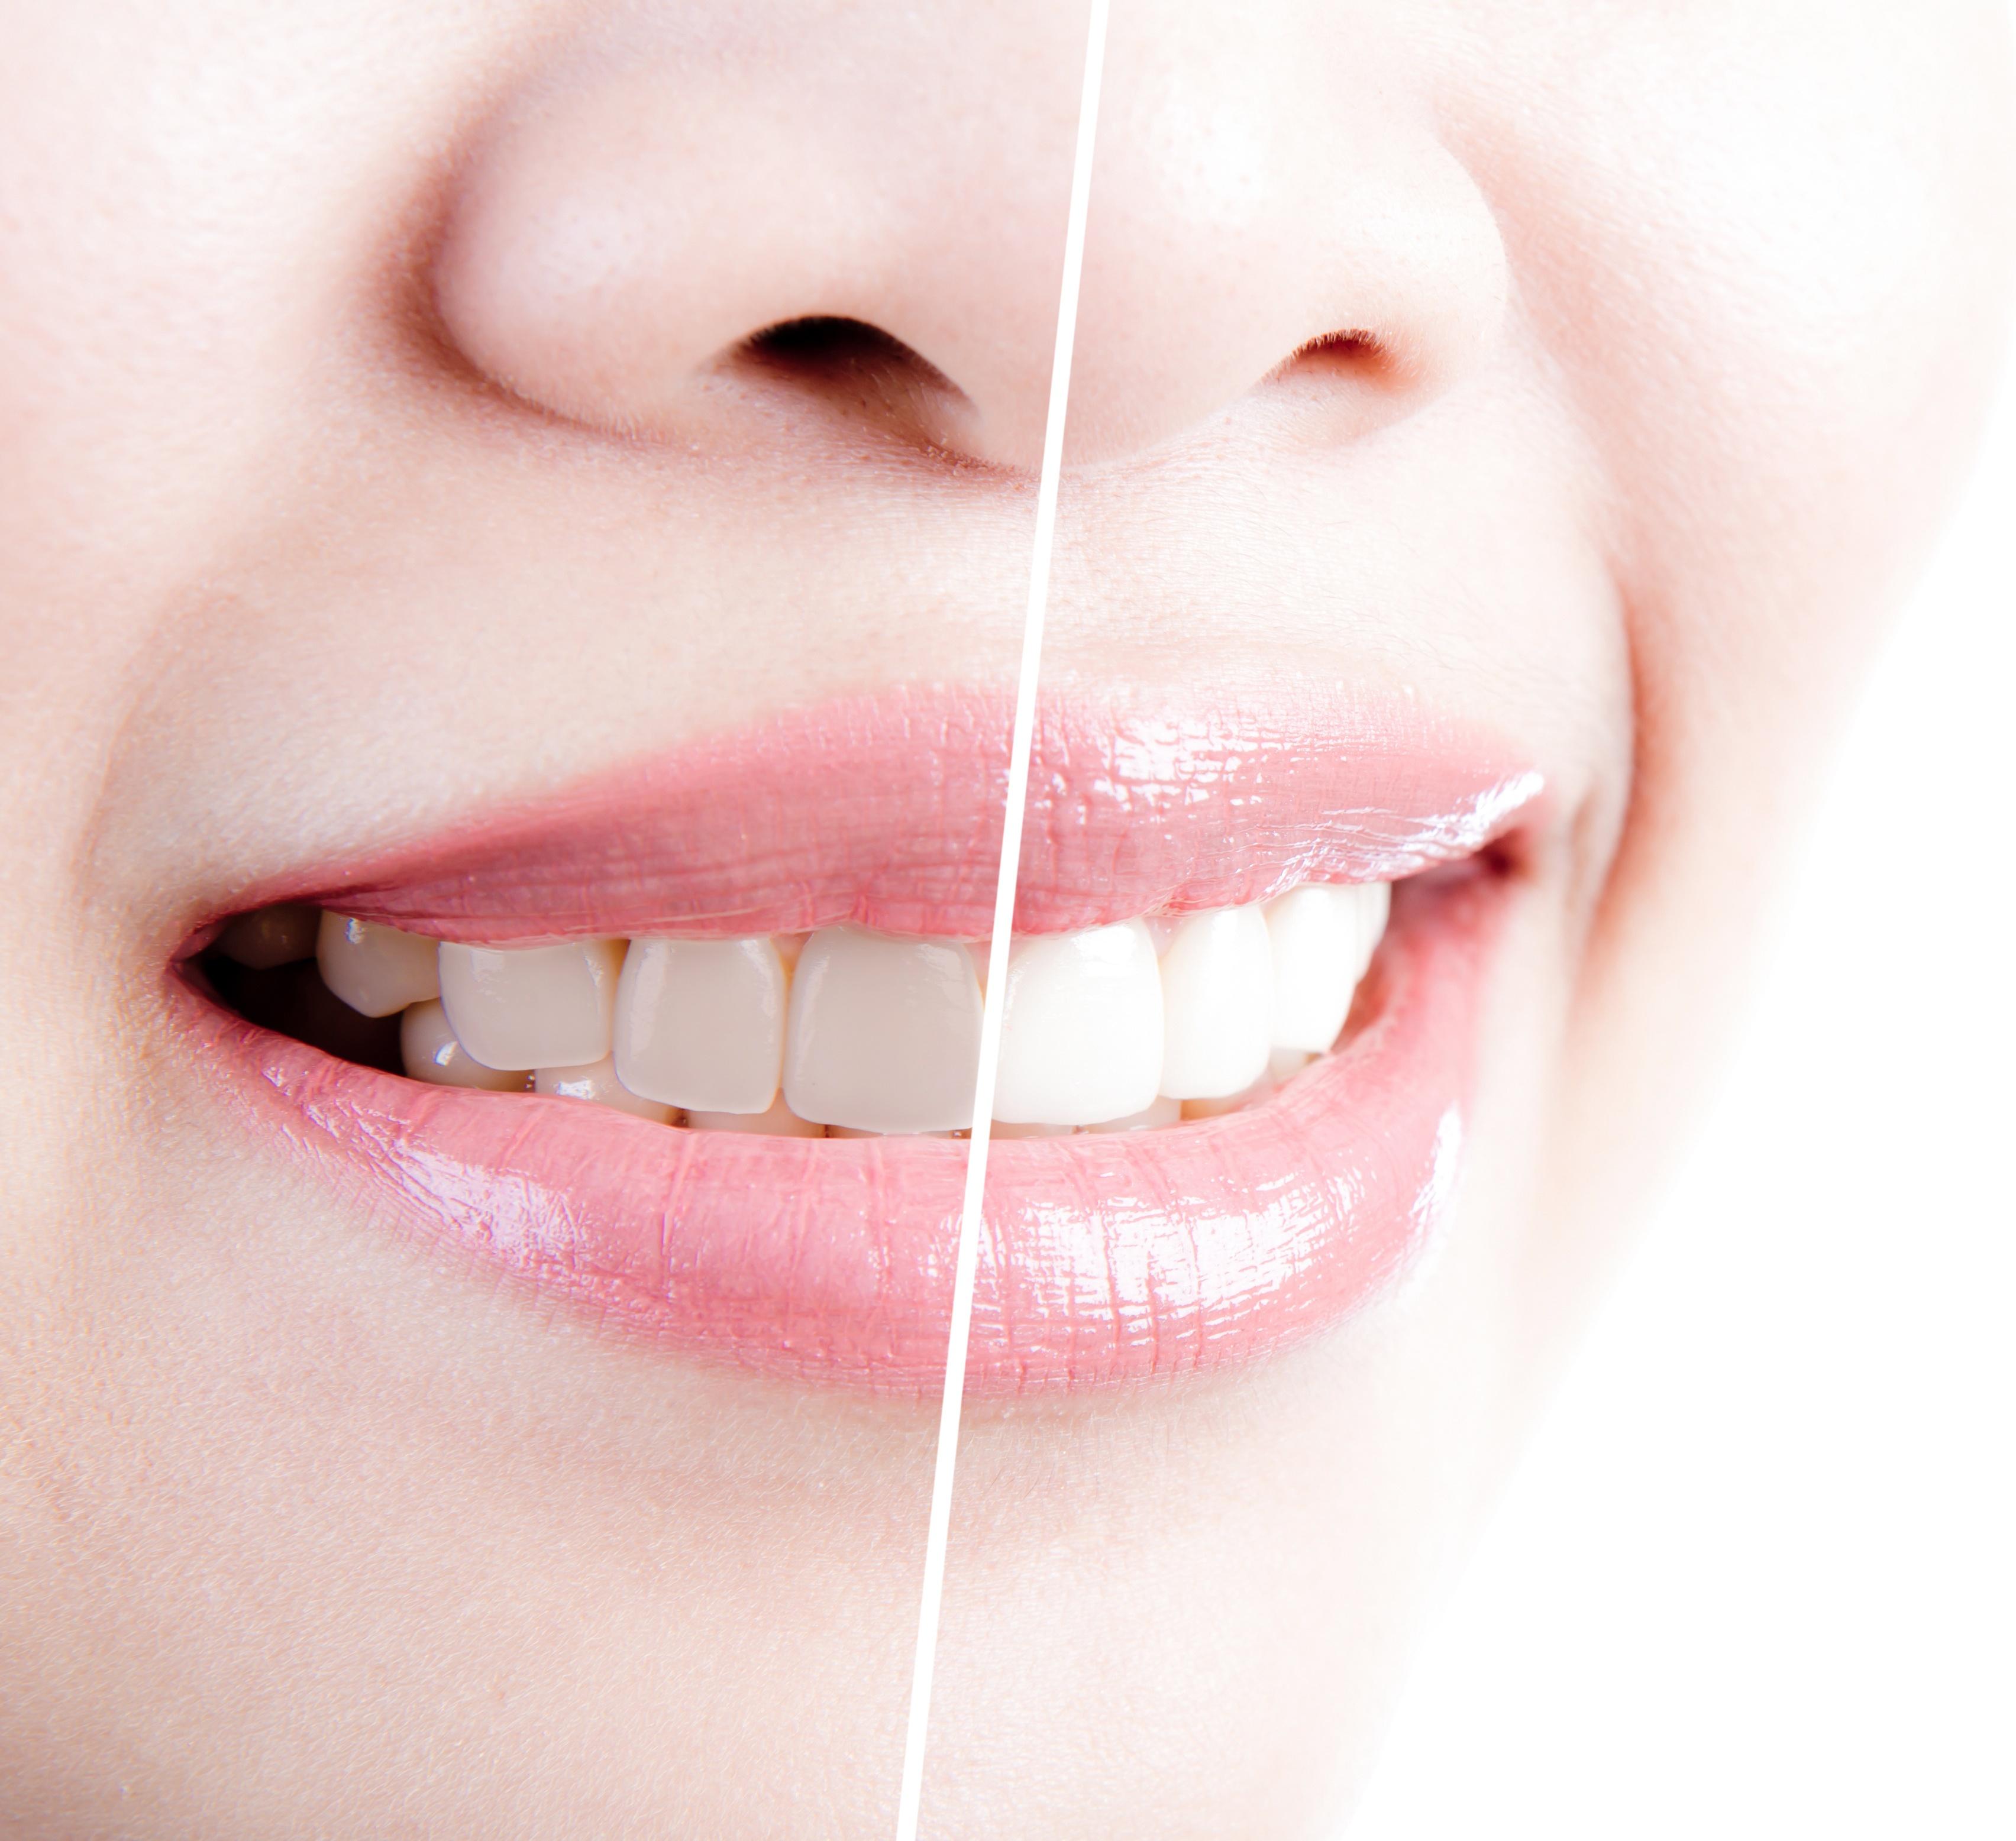 Teeth Whitening in Baltimore